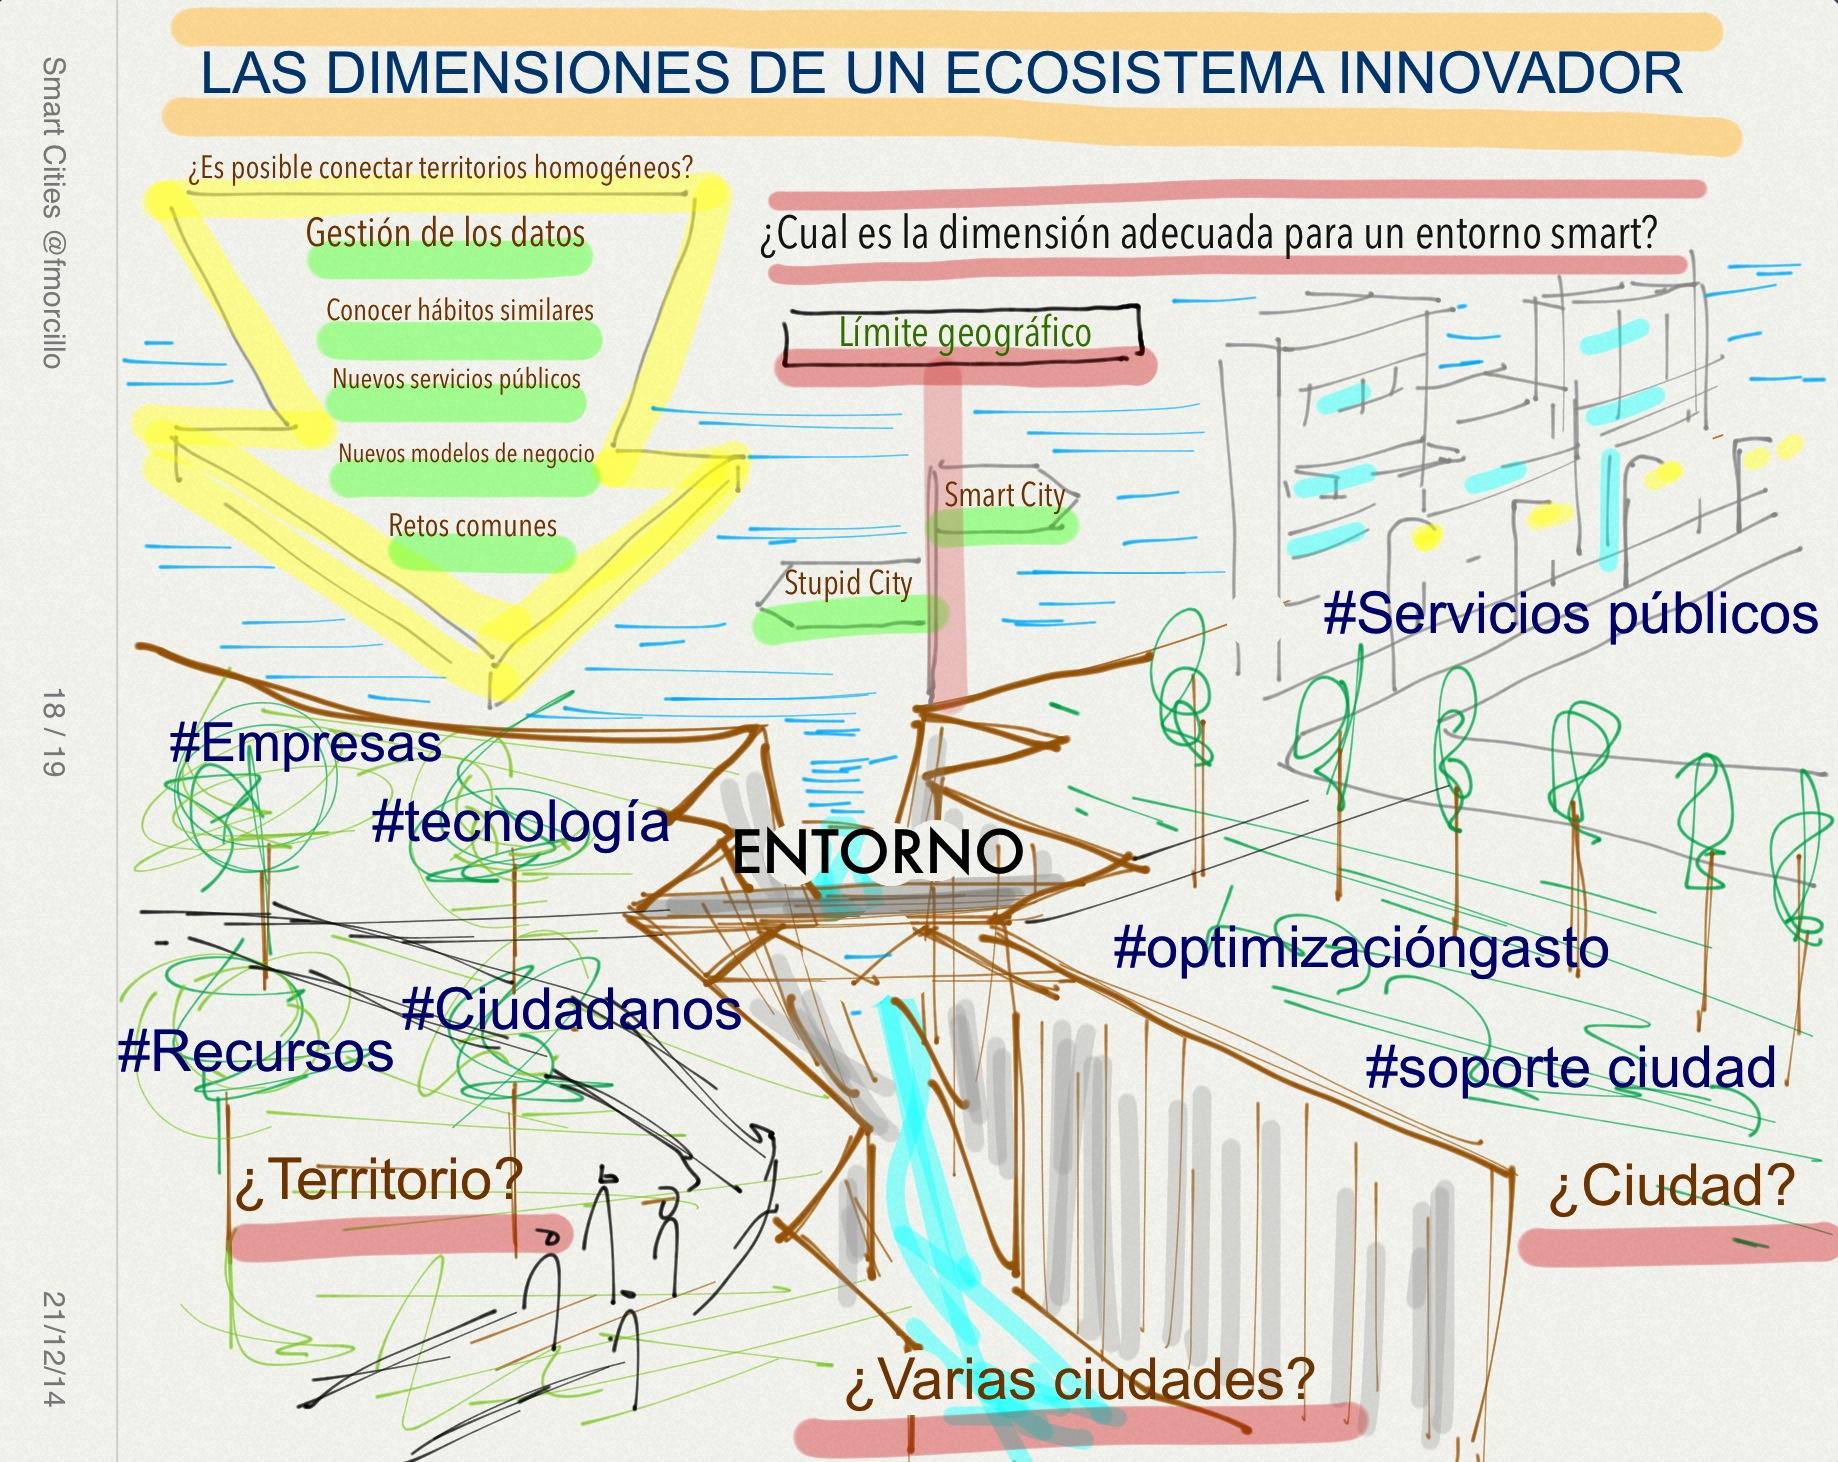 Ecosistema Innovador en un entorno inteligente